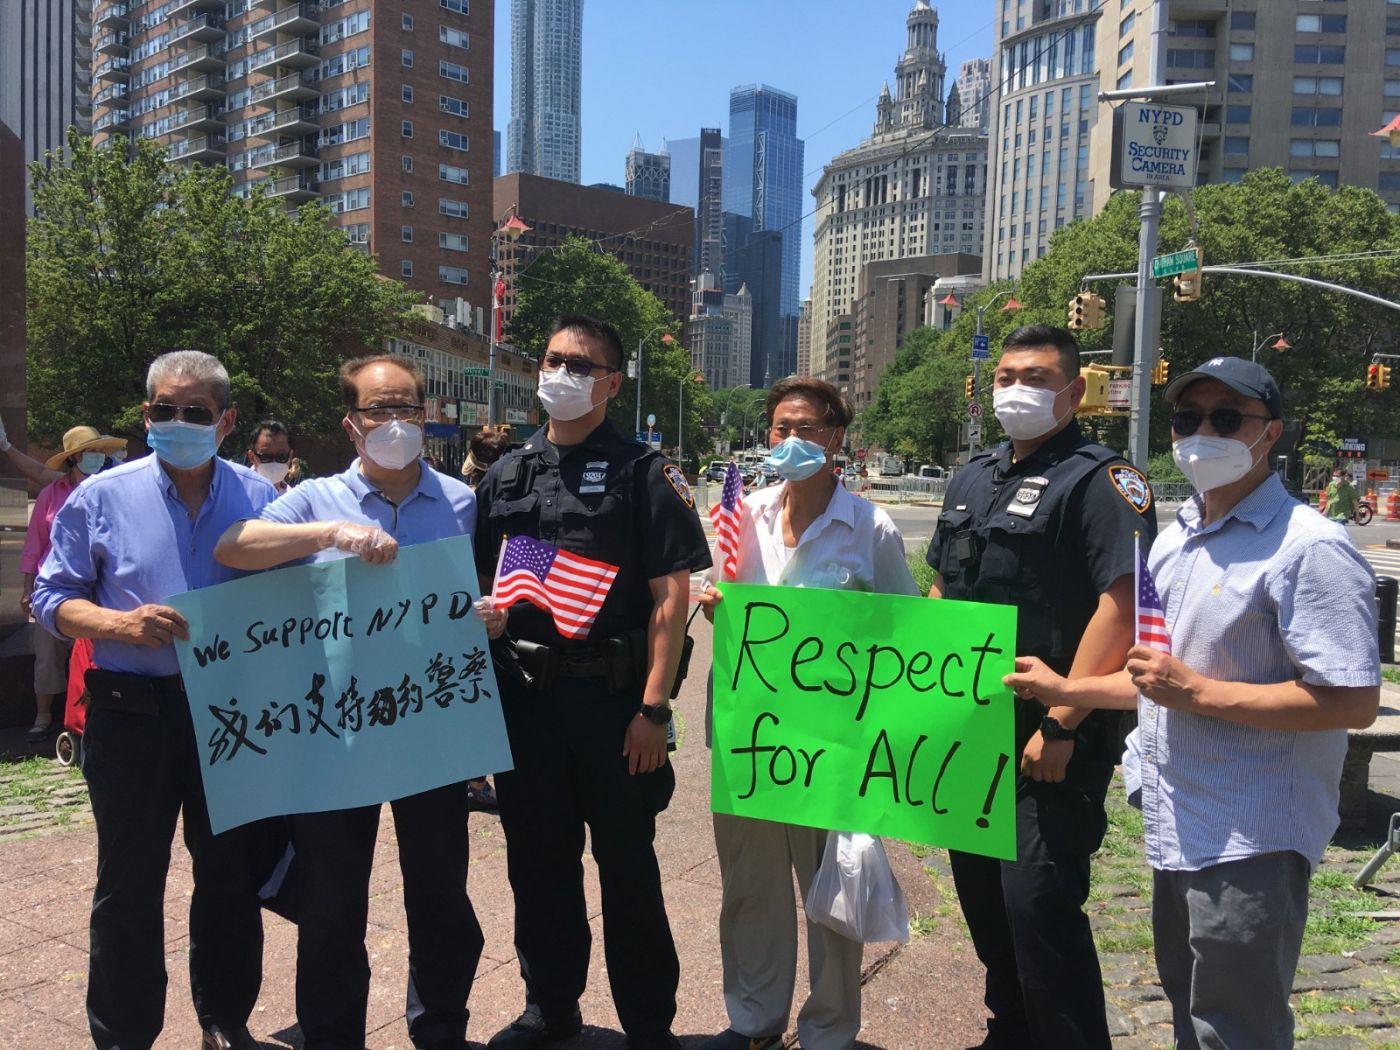 纽约华埠侨团声援支持纽约警察活动_图1-22